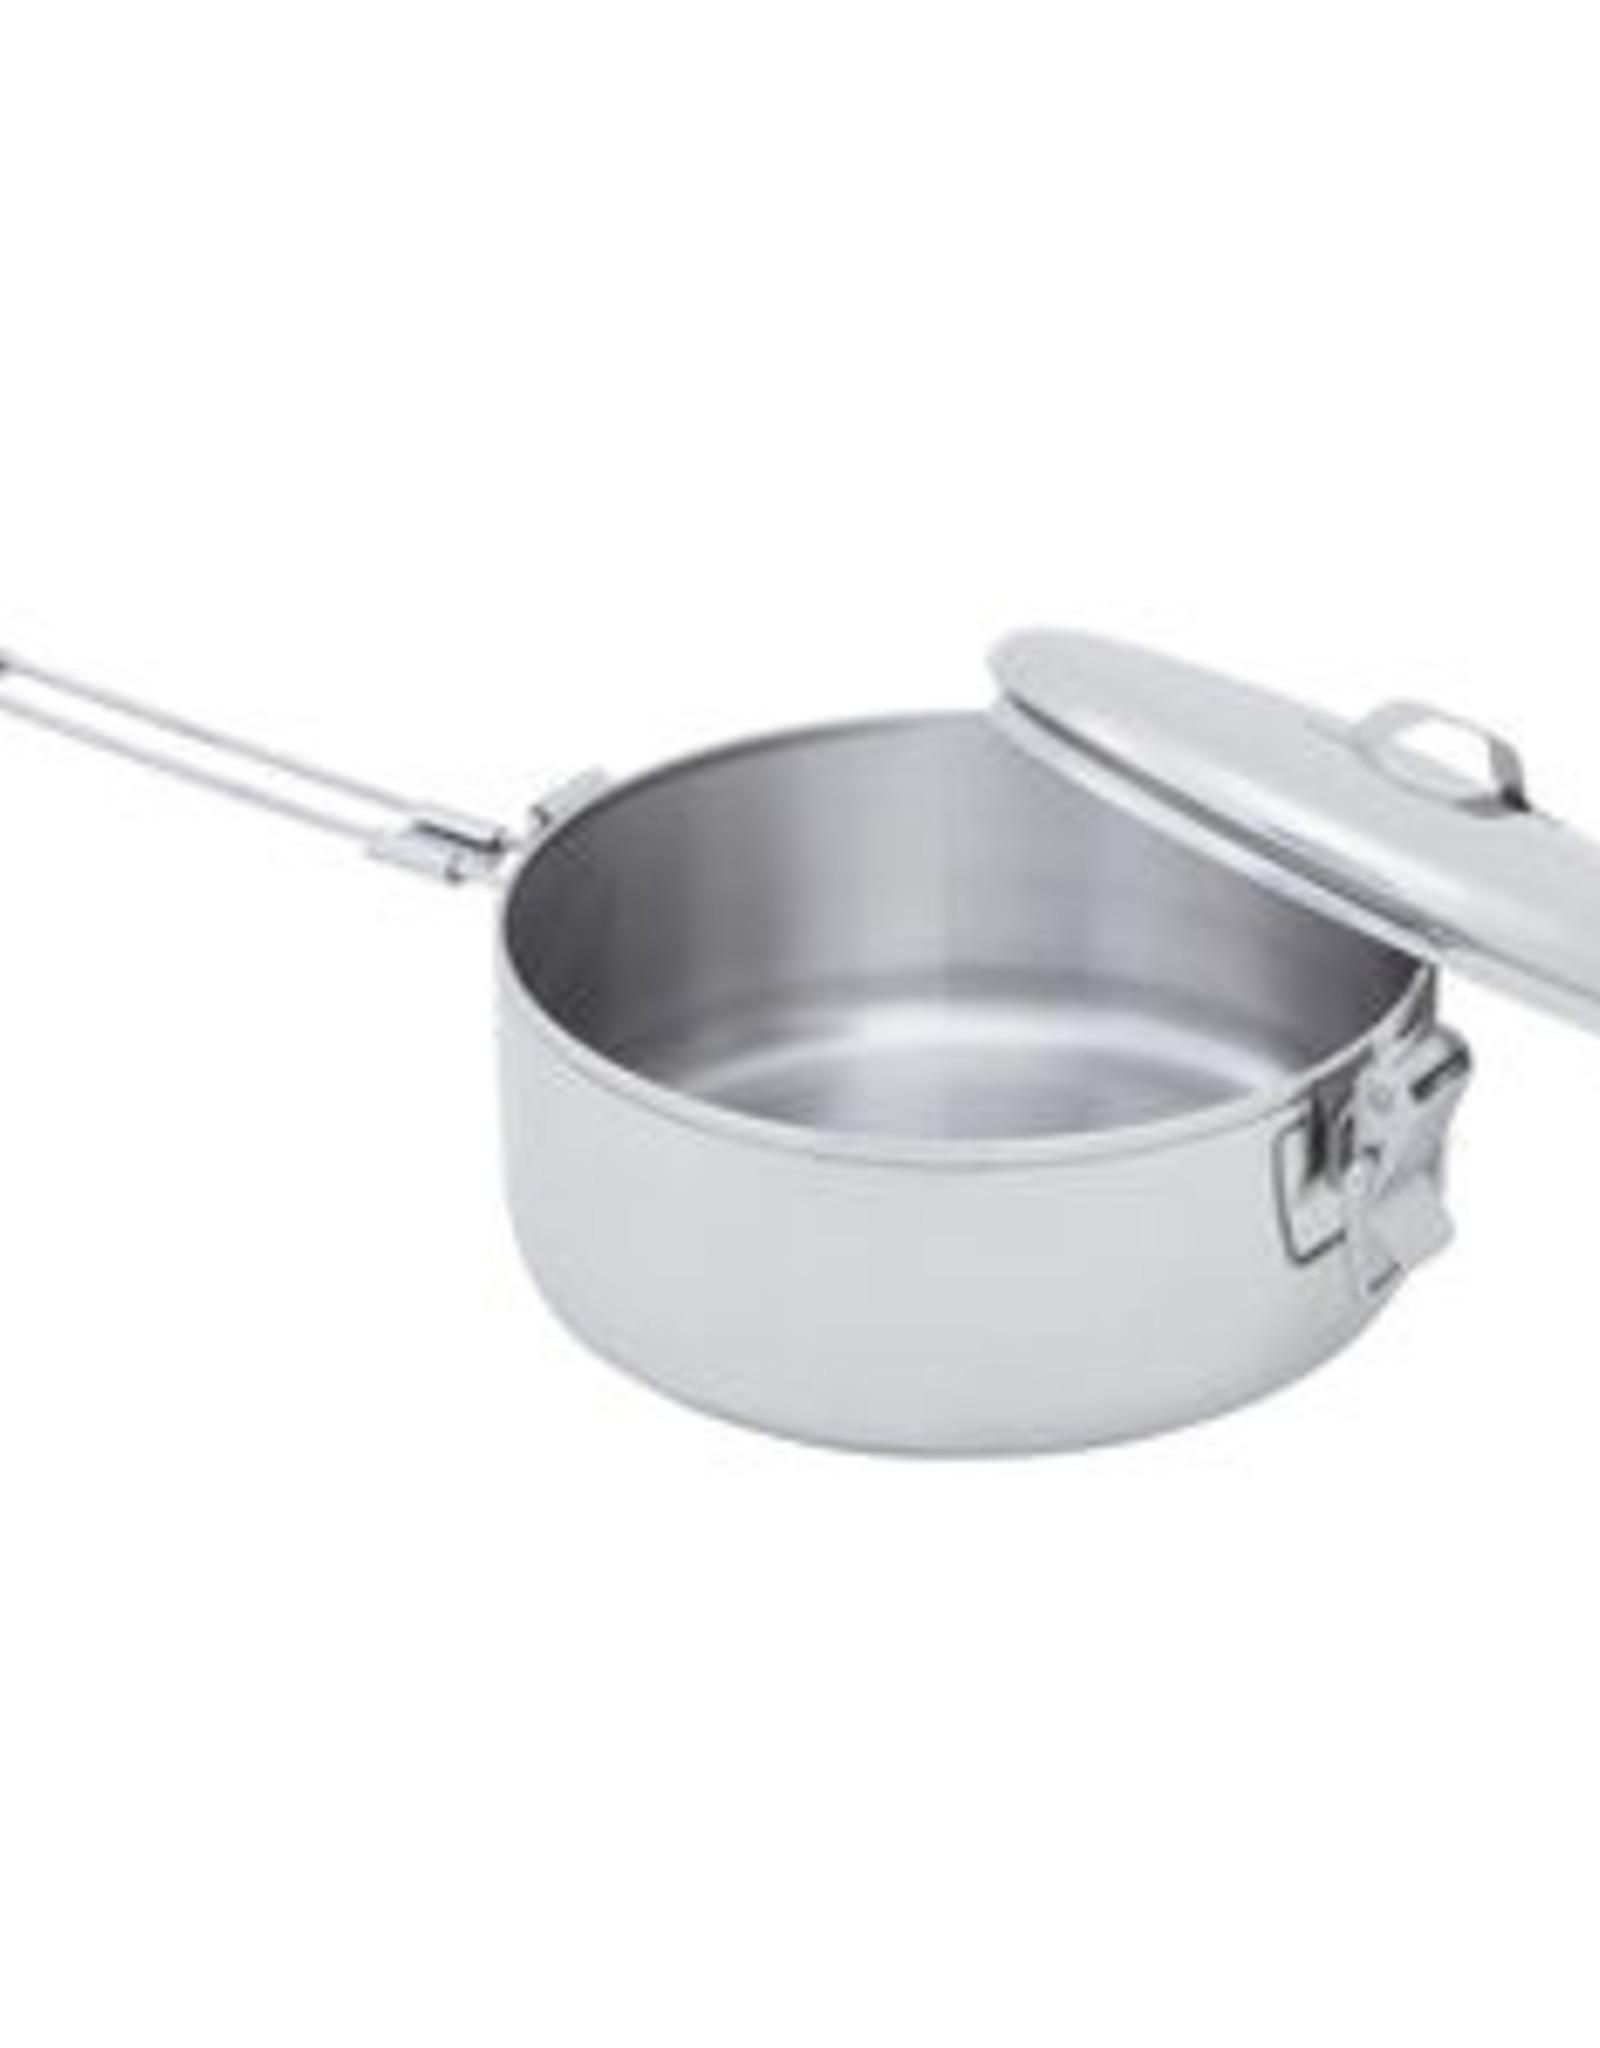 MSR MSR Alpine StowAway Cooking Pot: 1.6L , 550g